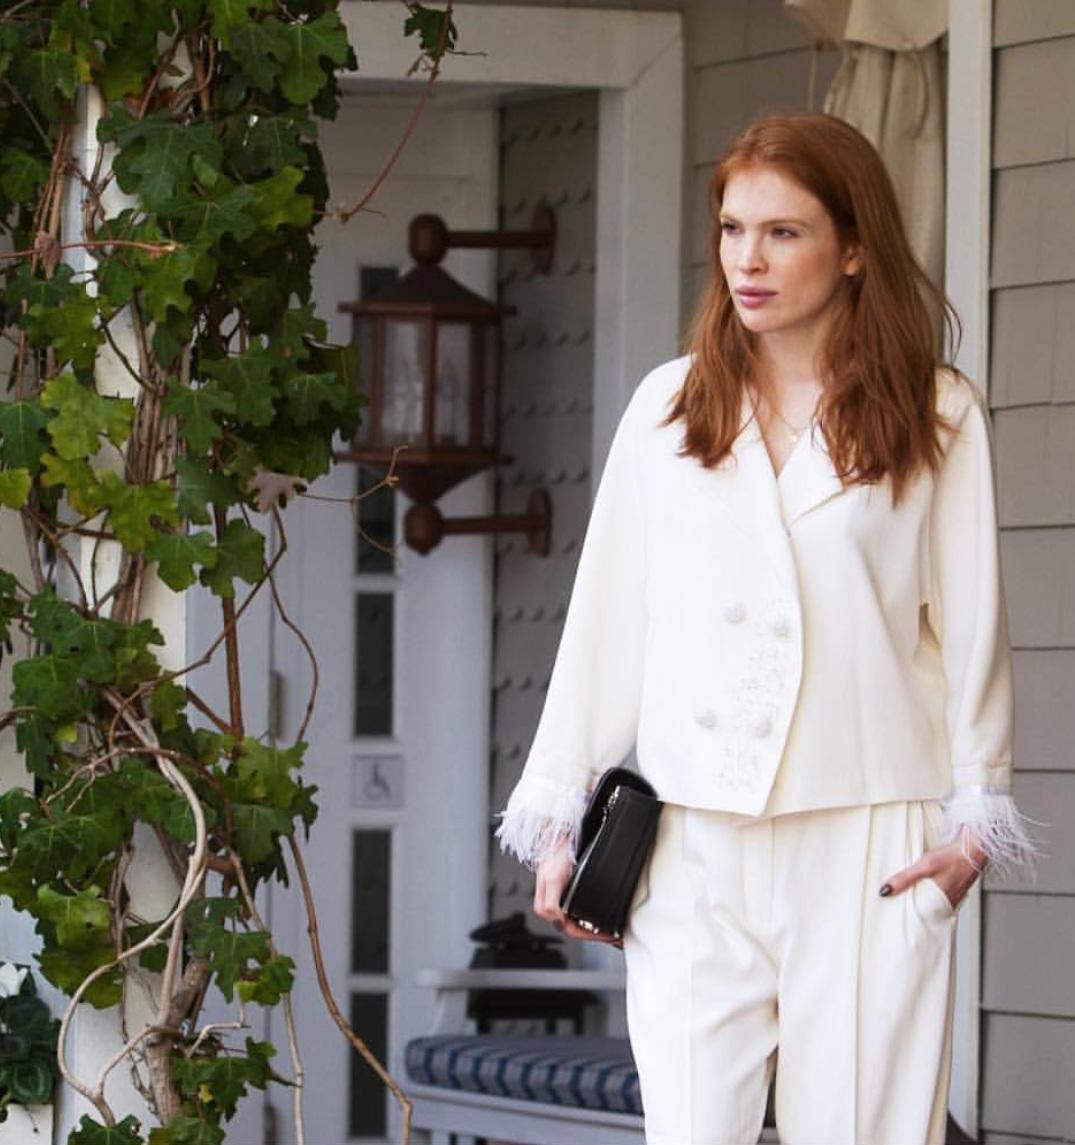 In all-white look in Santa Monica, California.